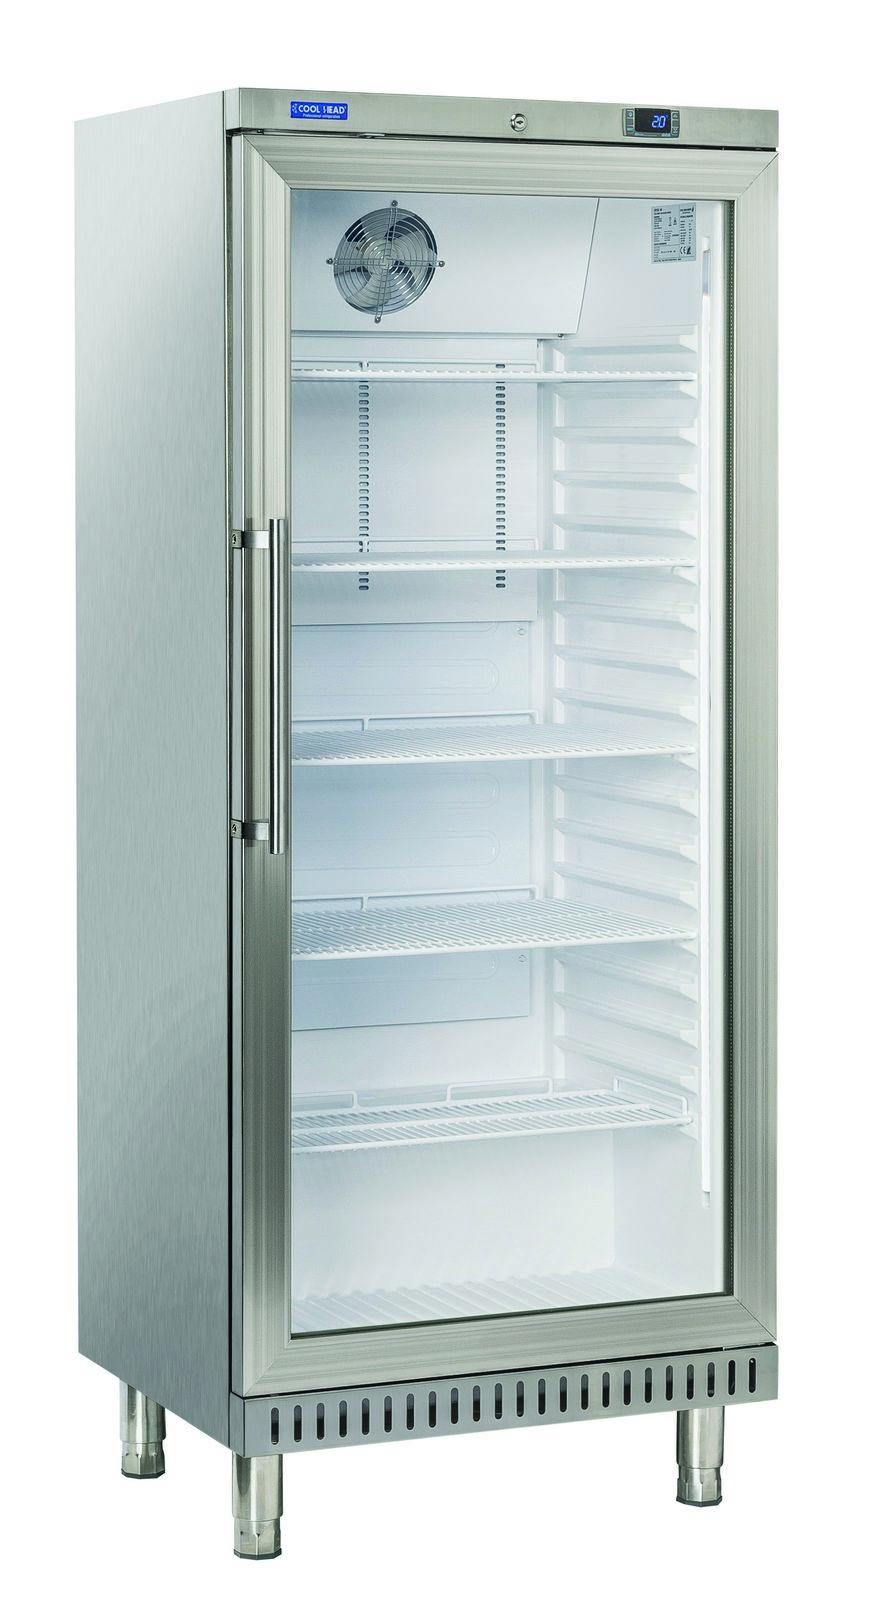 400 literes cukrászati hűtő, ventilációs hűtéssel, üveg ajtóval, rozsdamentes